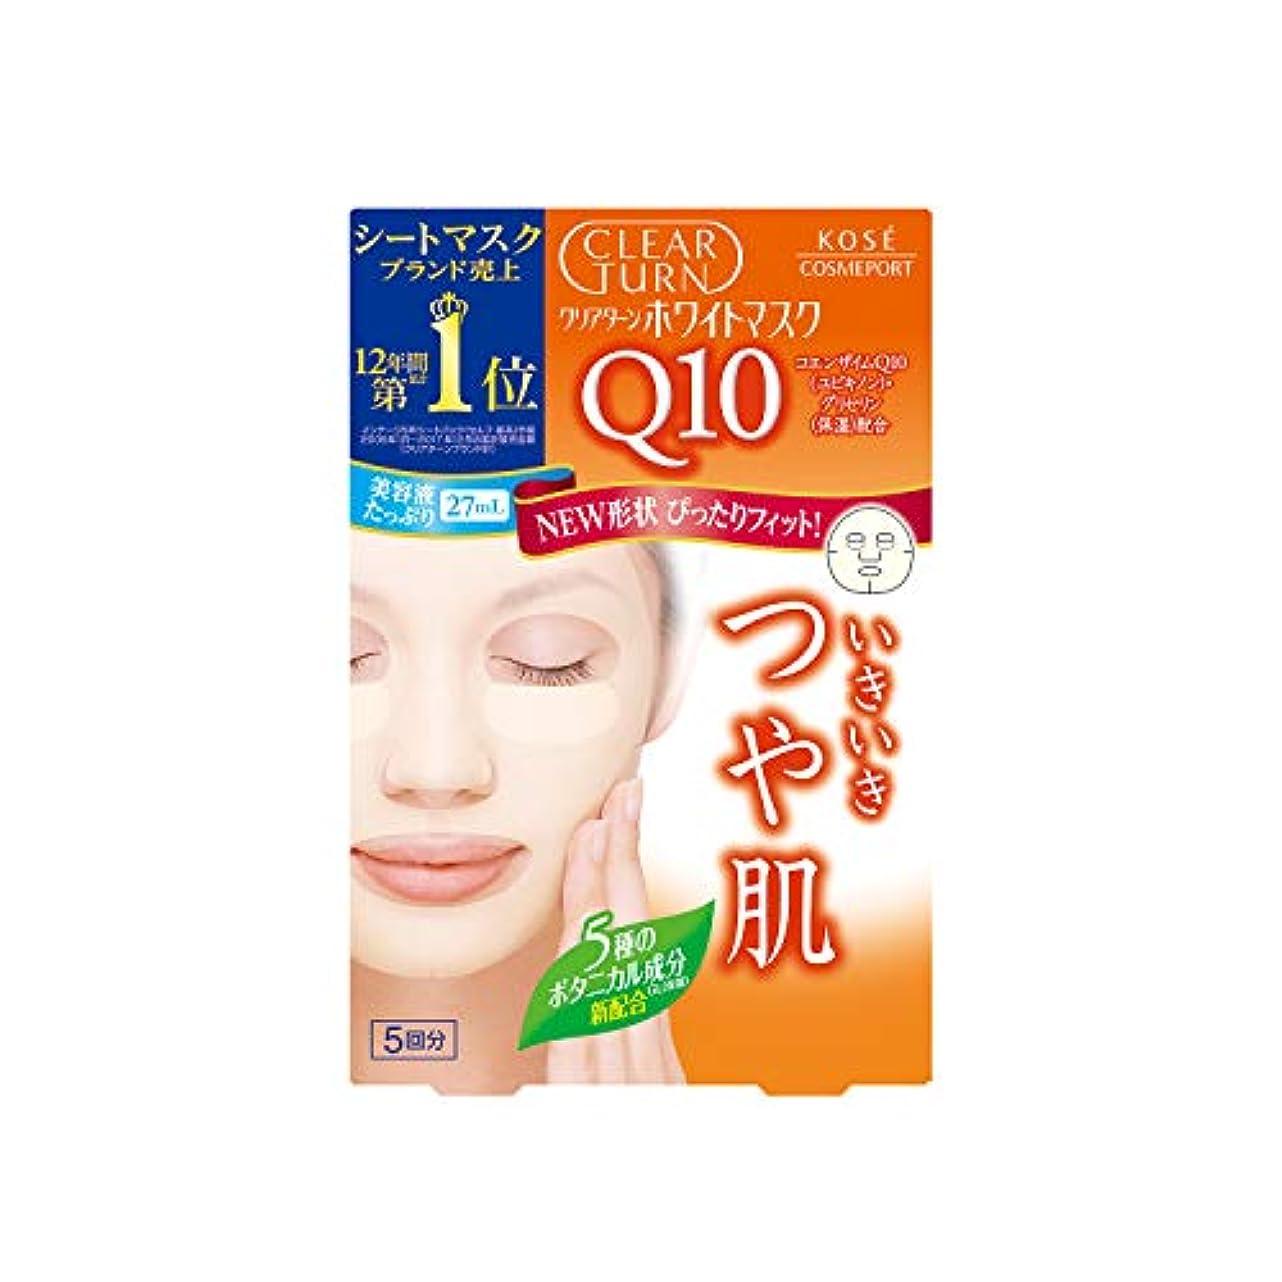 ラリー帽子グラスKOSE クリアターン ホワイト マスク Q10 c (コエンザイムQ10) 5回分 (22mL×5)